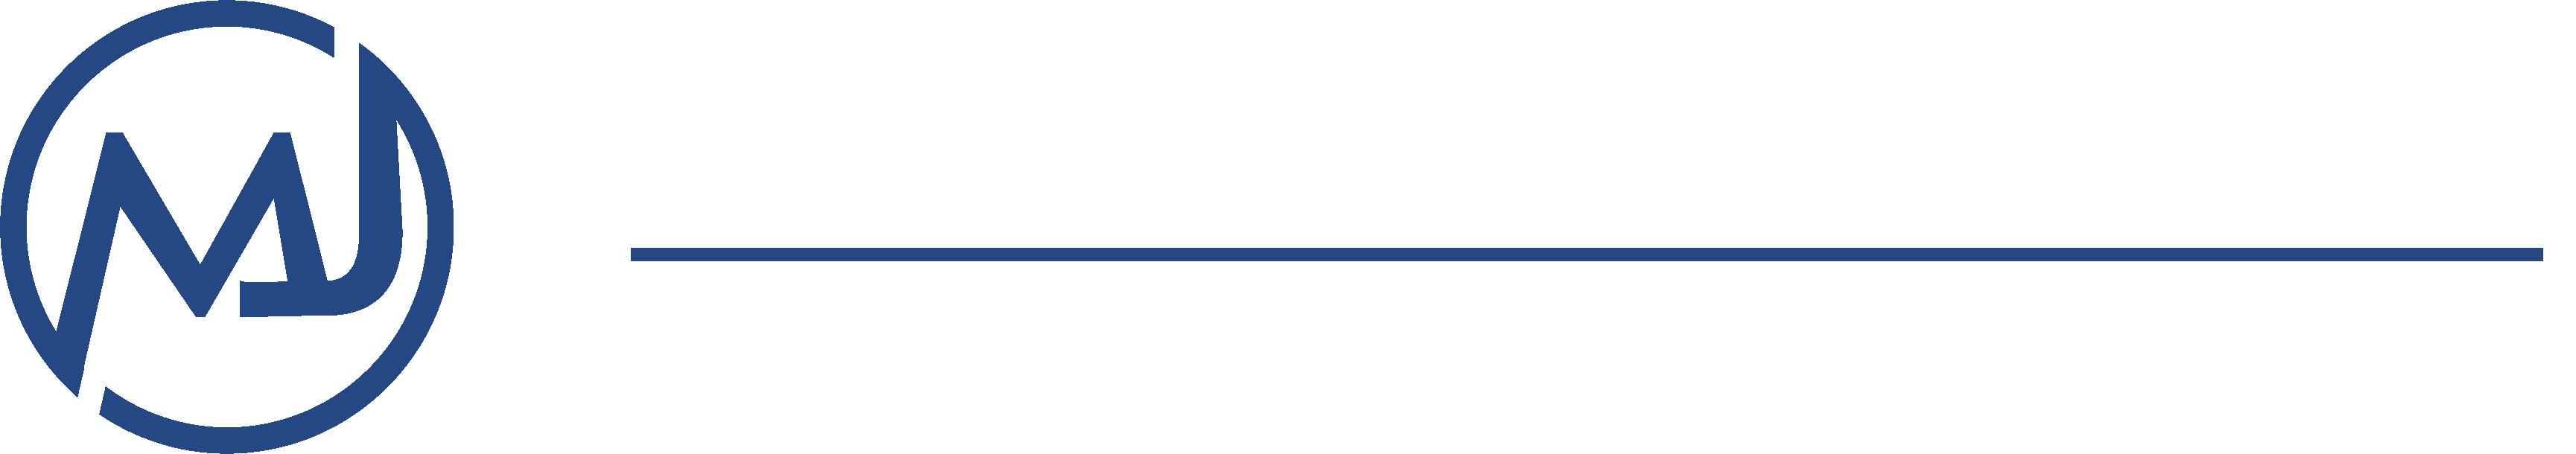 Logo for M. Jones Financial Services | Nova Scotia